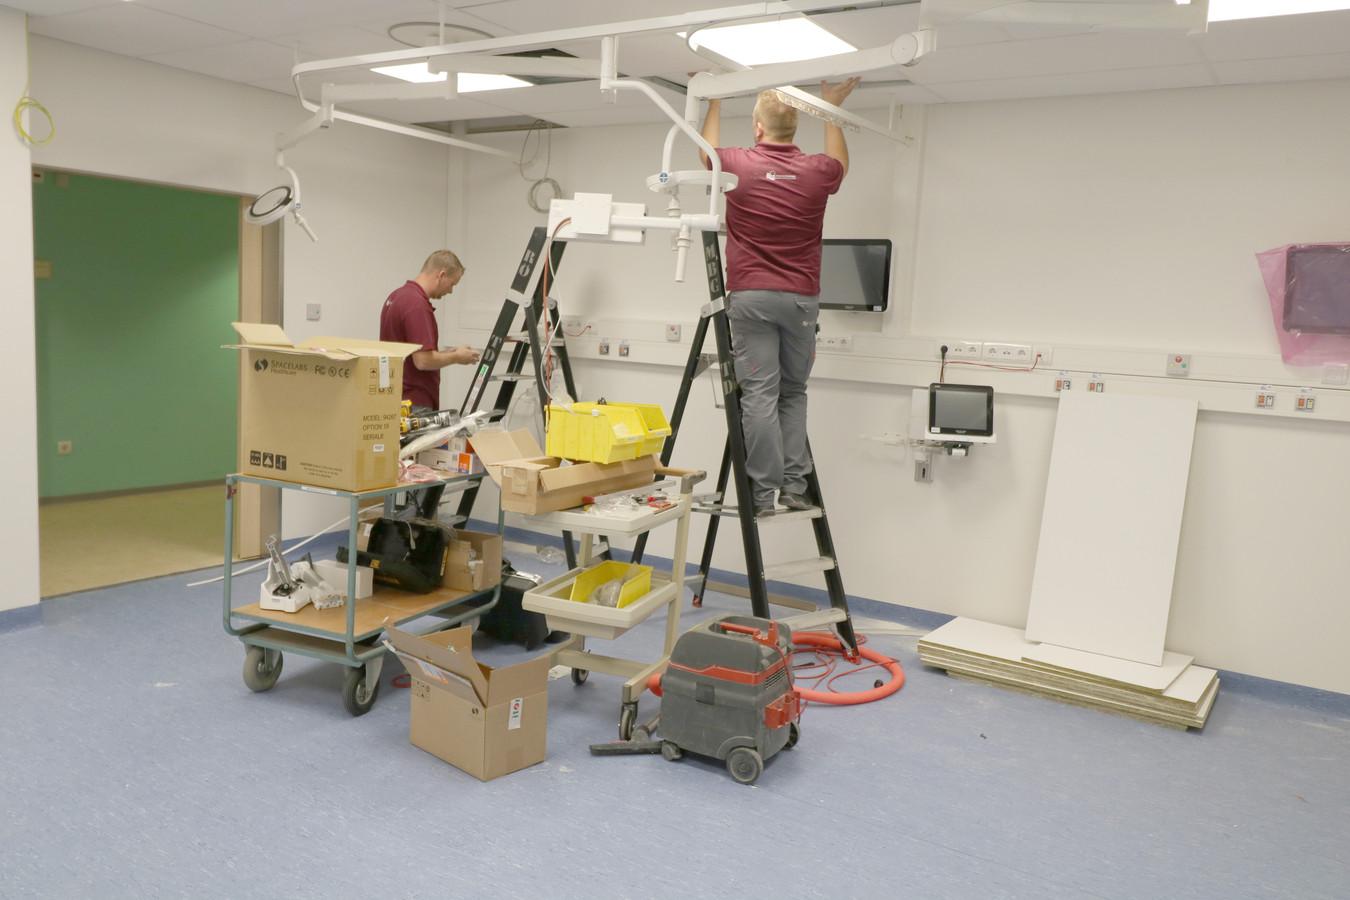 De afdeling spoedeisende hulp van Ziekenhuis Rivierenland beschikt over vier nieuwe behandelkamers.